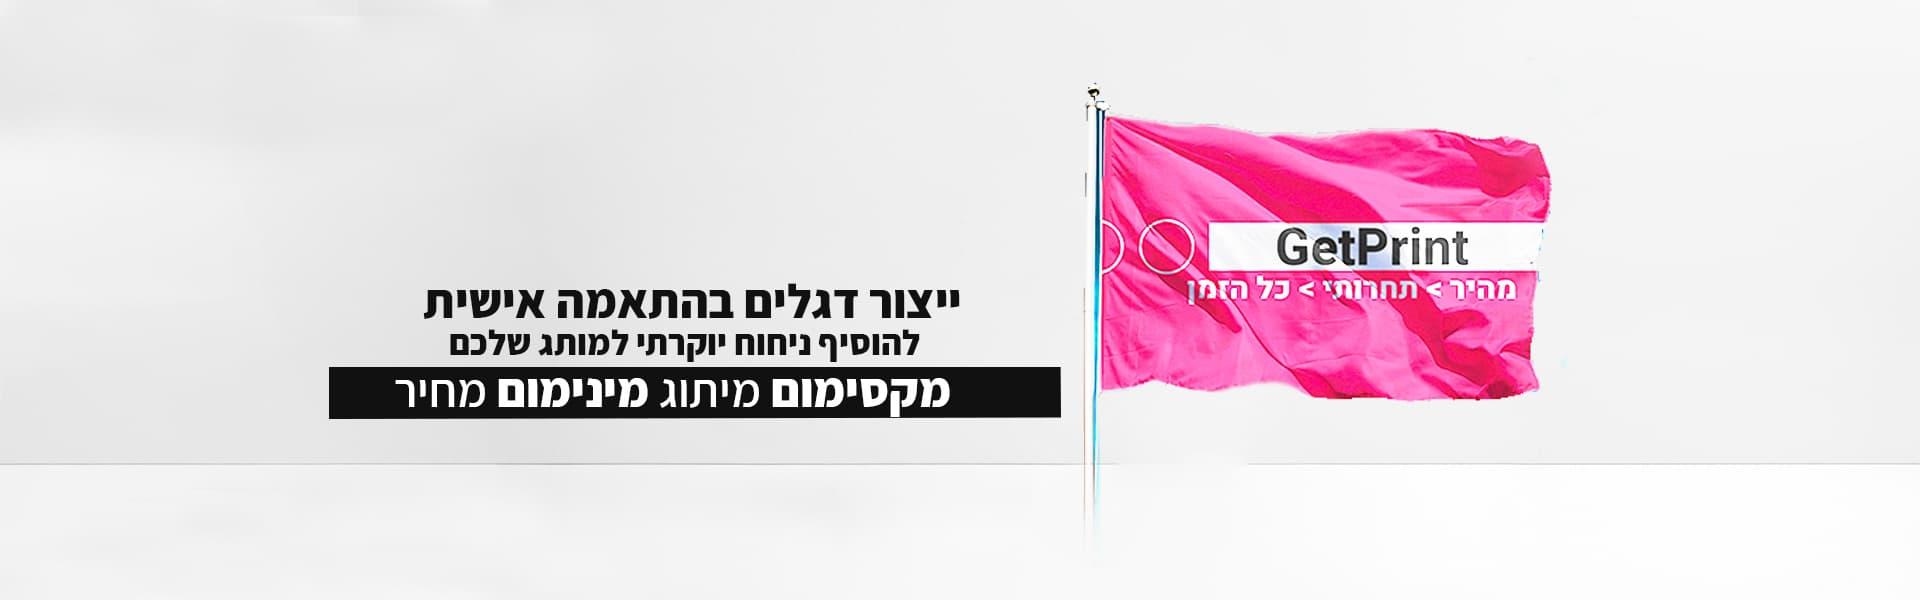 ייצור-דגלים-ממותגים- גט פרינט Get Print